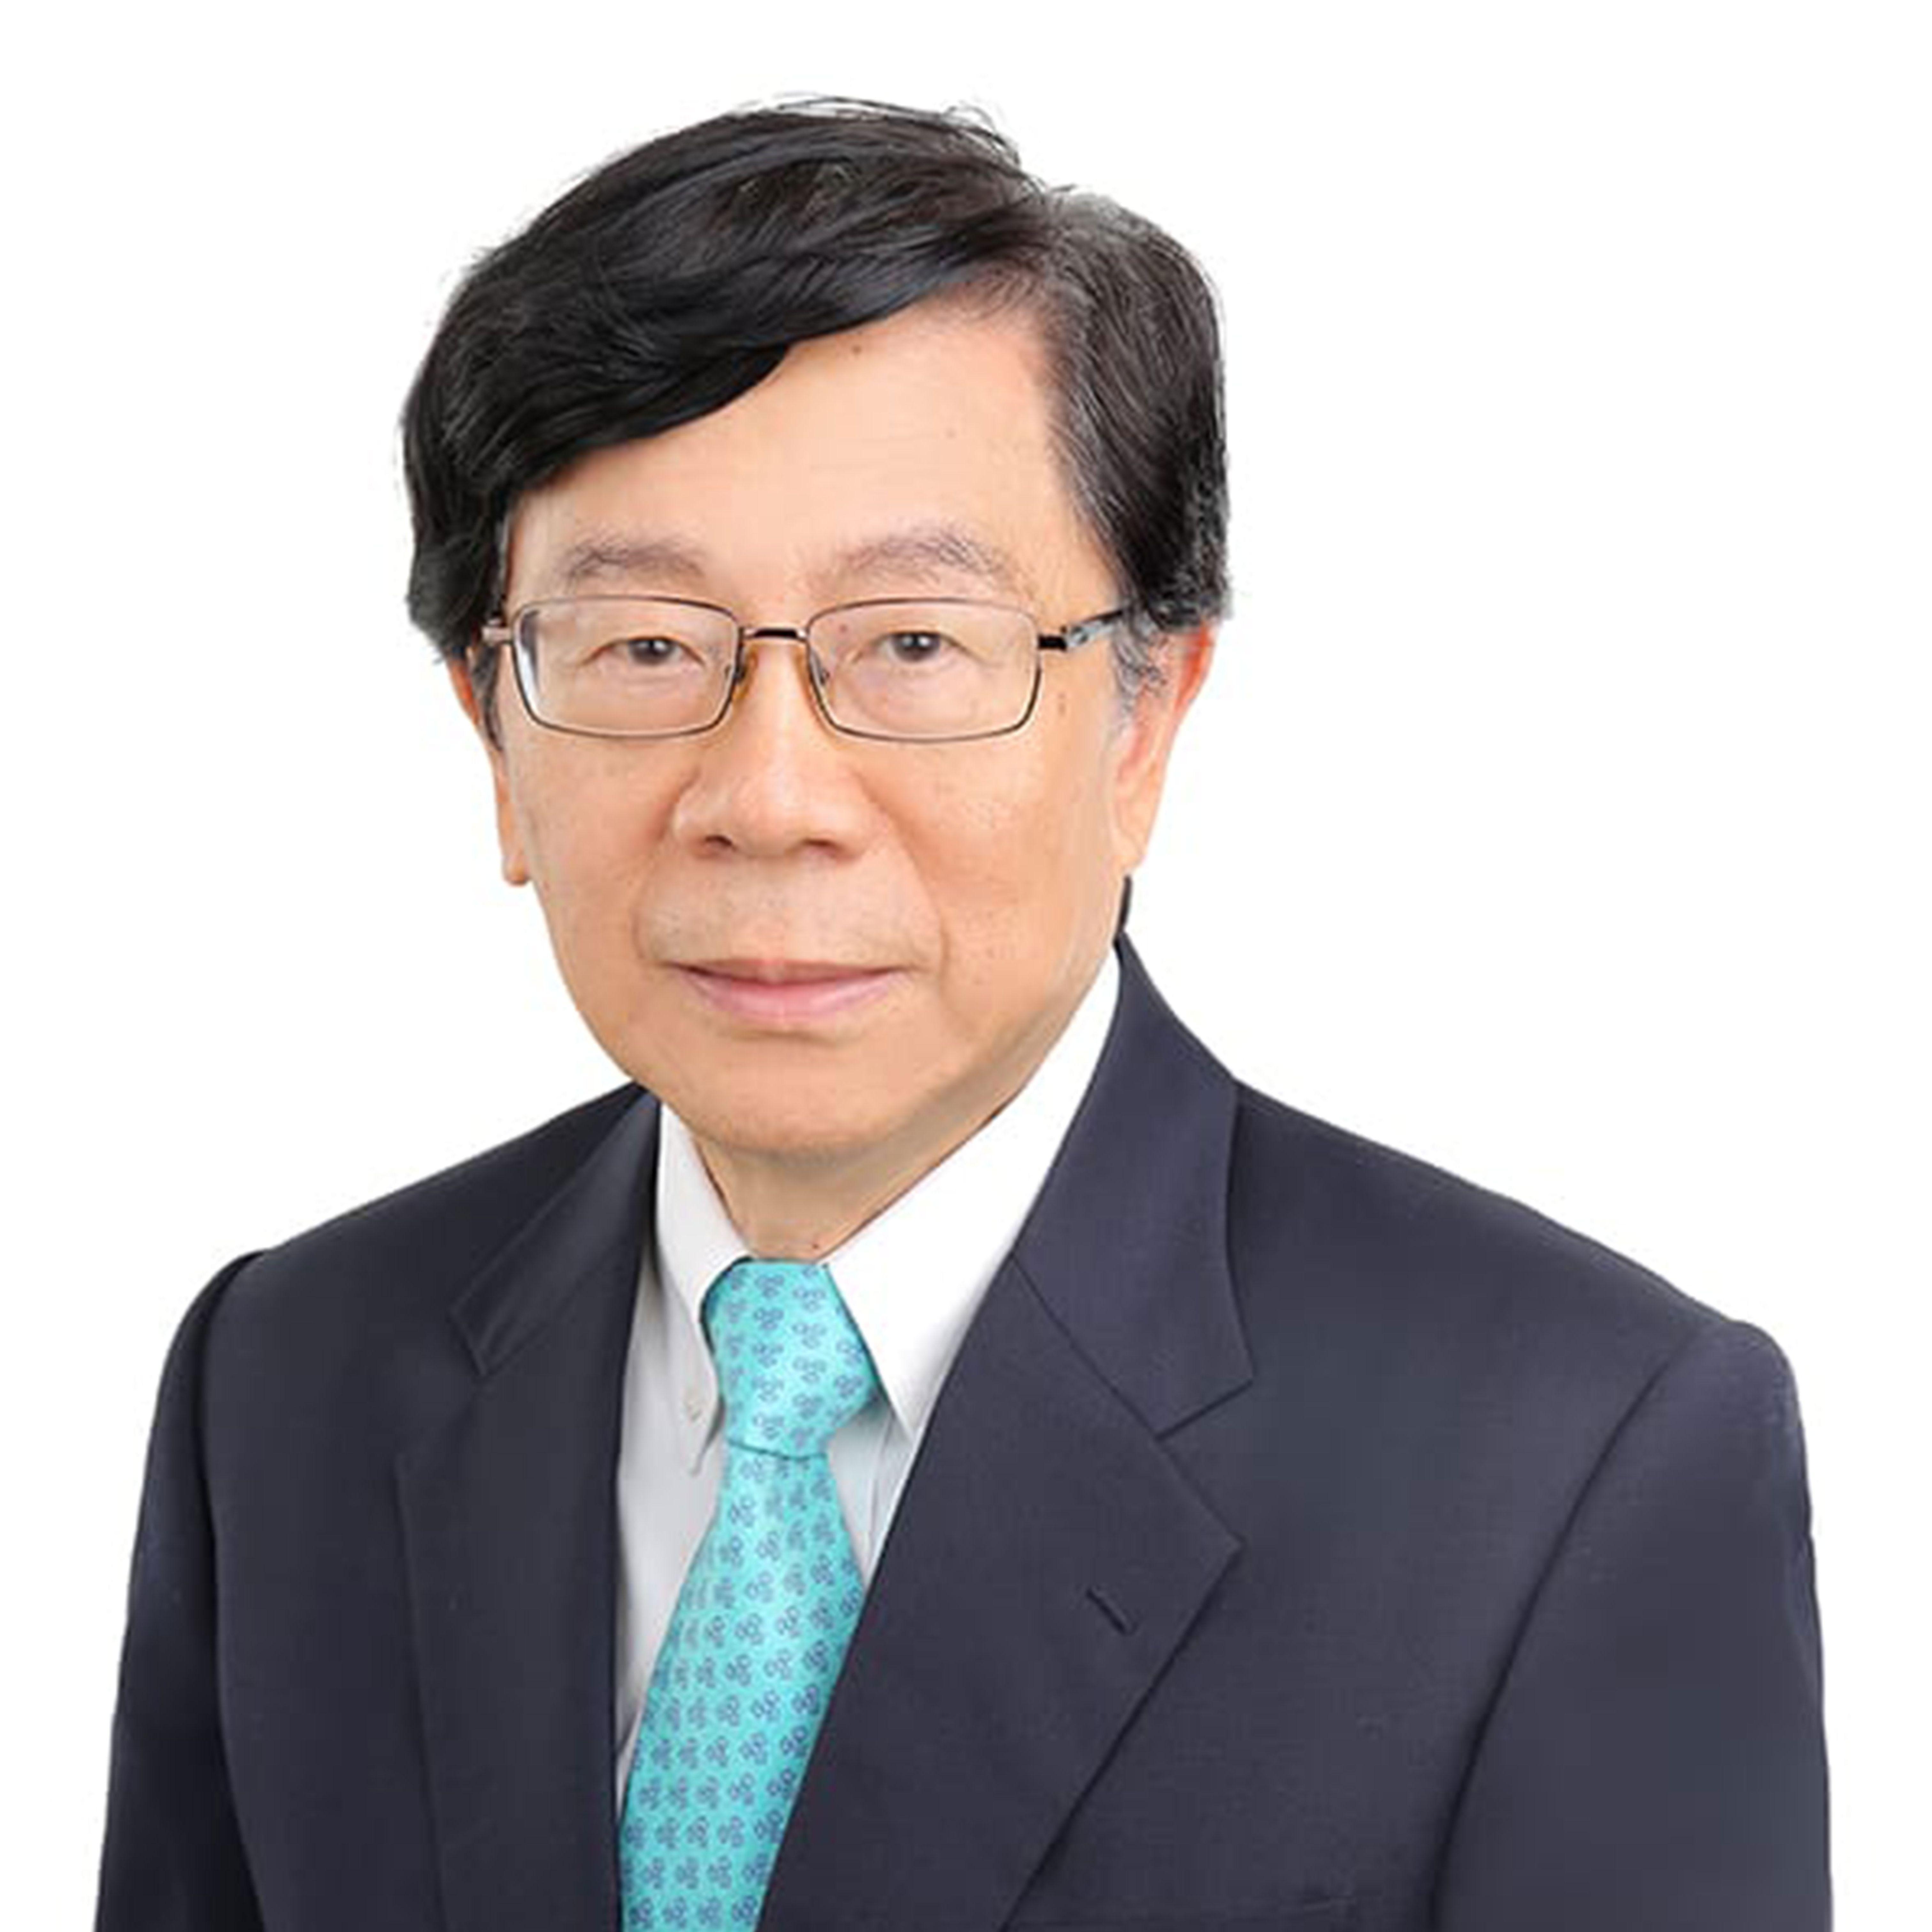 Lee Kut Cheung